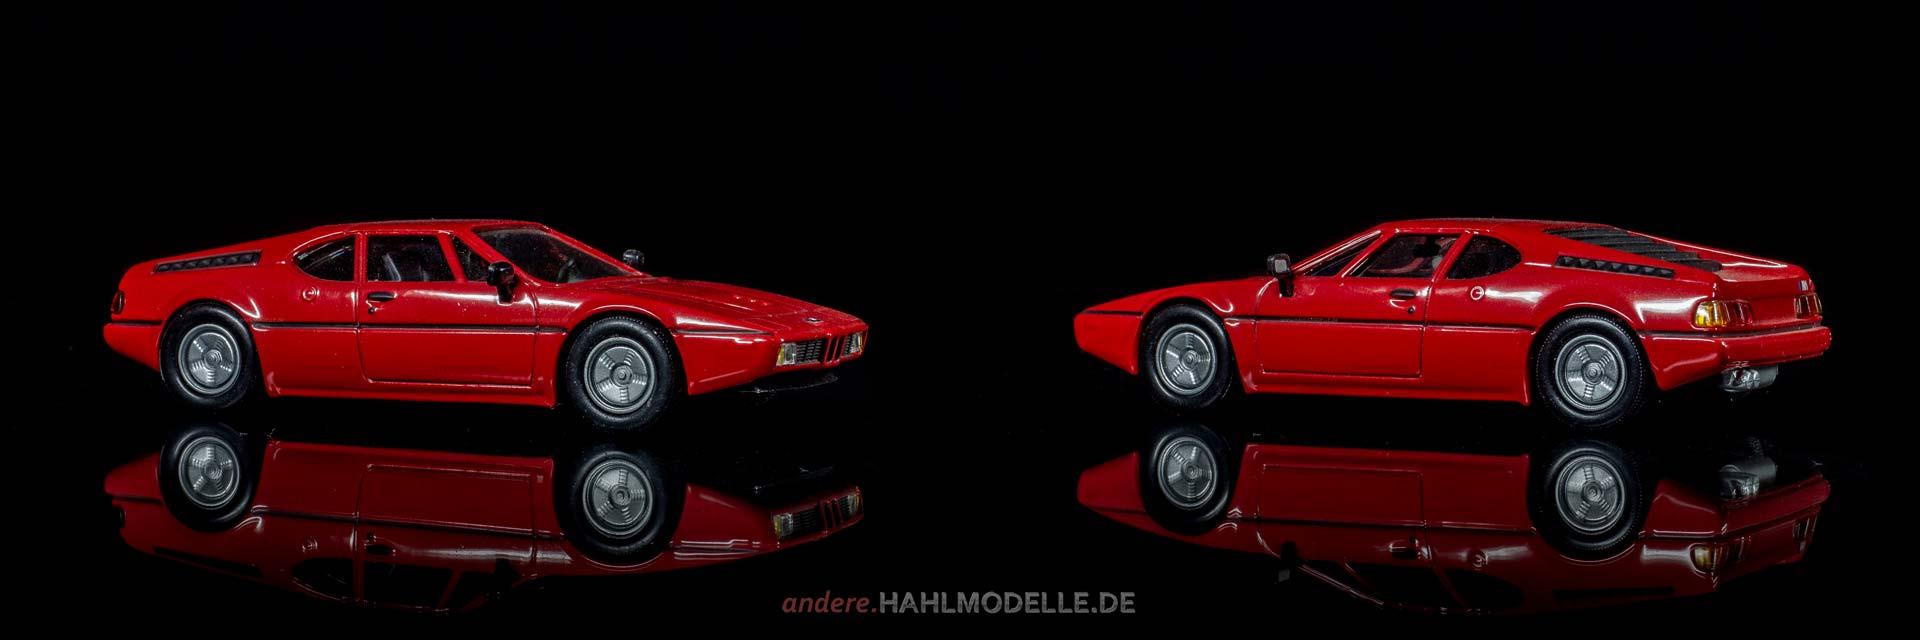 BMW M1 (E26) | Sportwagen | Ixo | www.andere.hahlmodelle.de